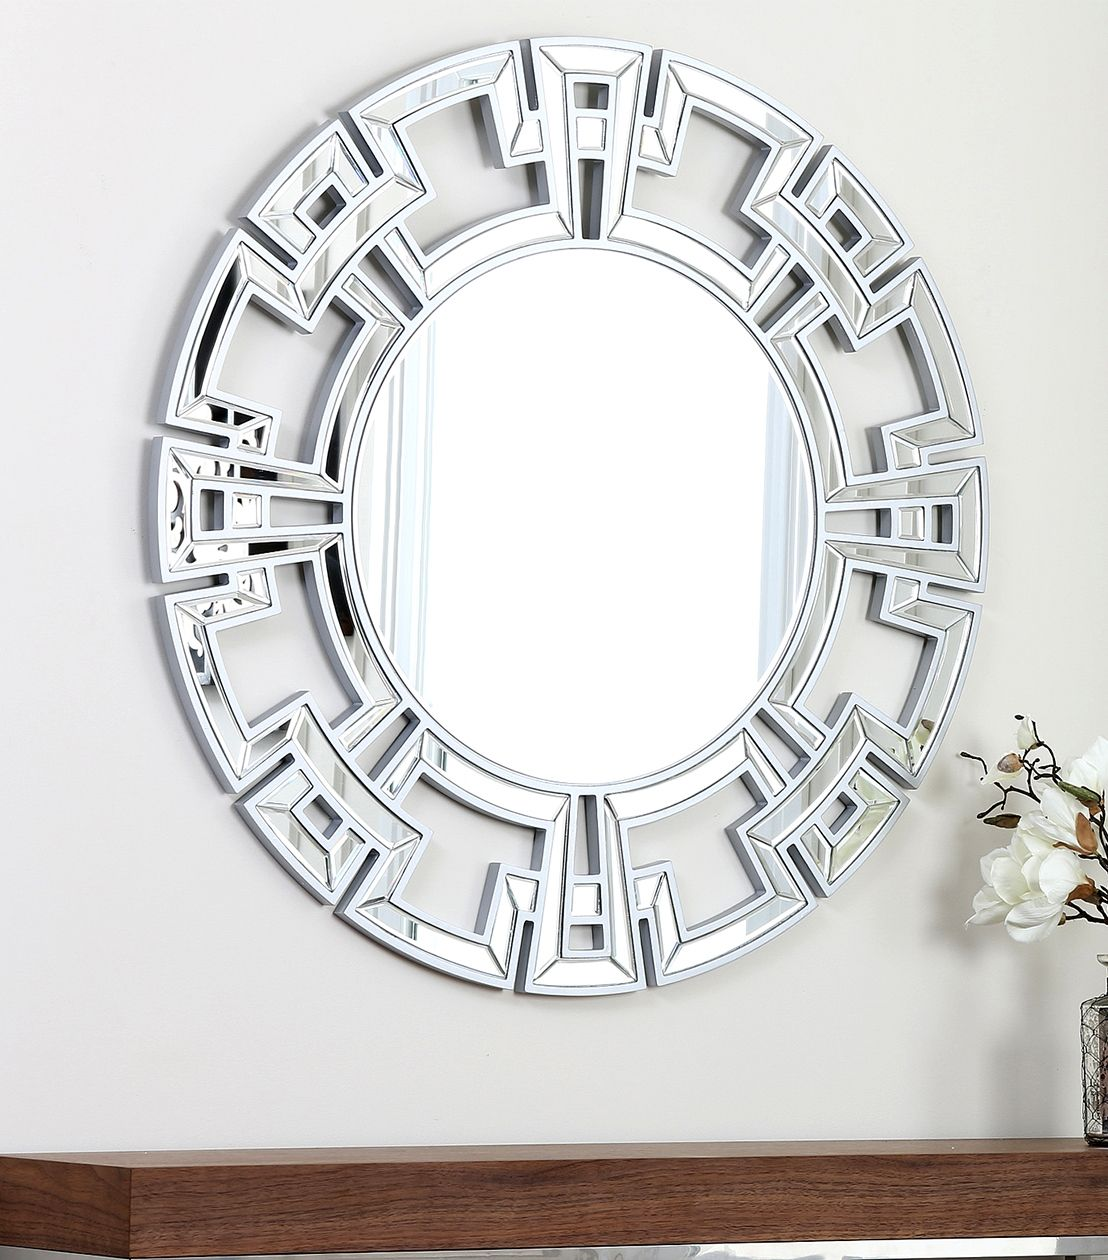 Pierre Silver Round Wall Mirror | http://drrw.us | Pinterest ...